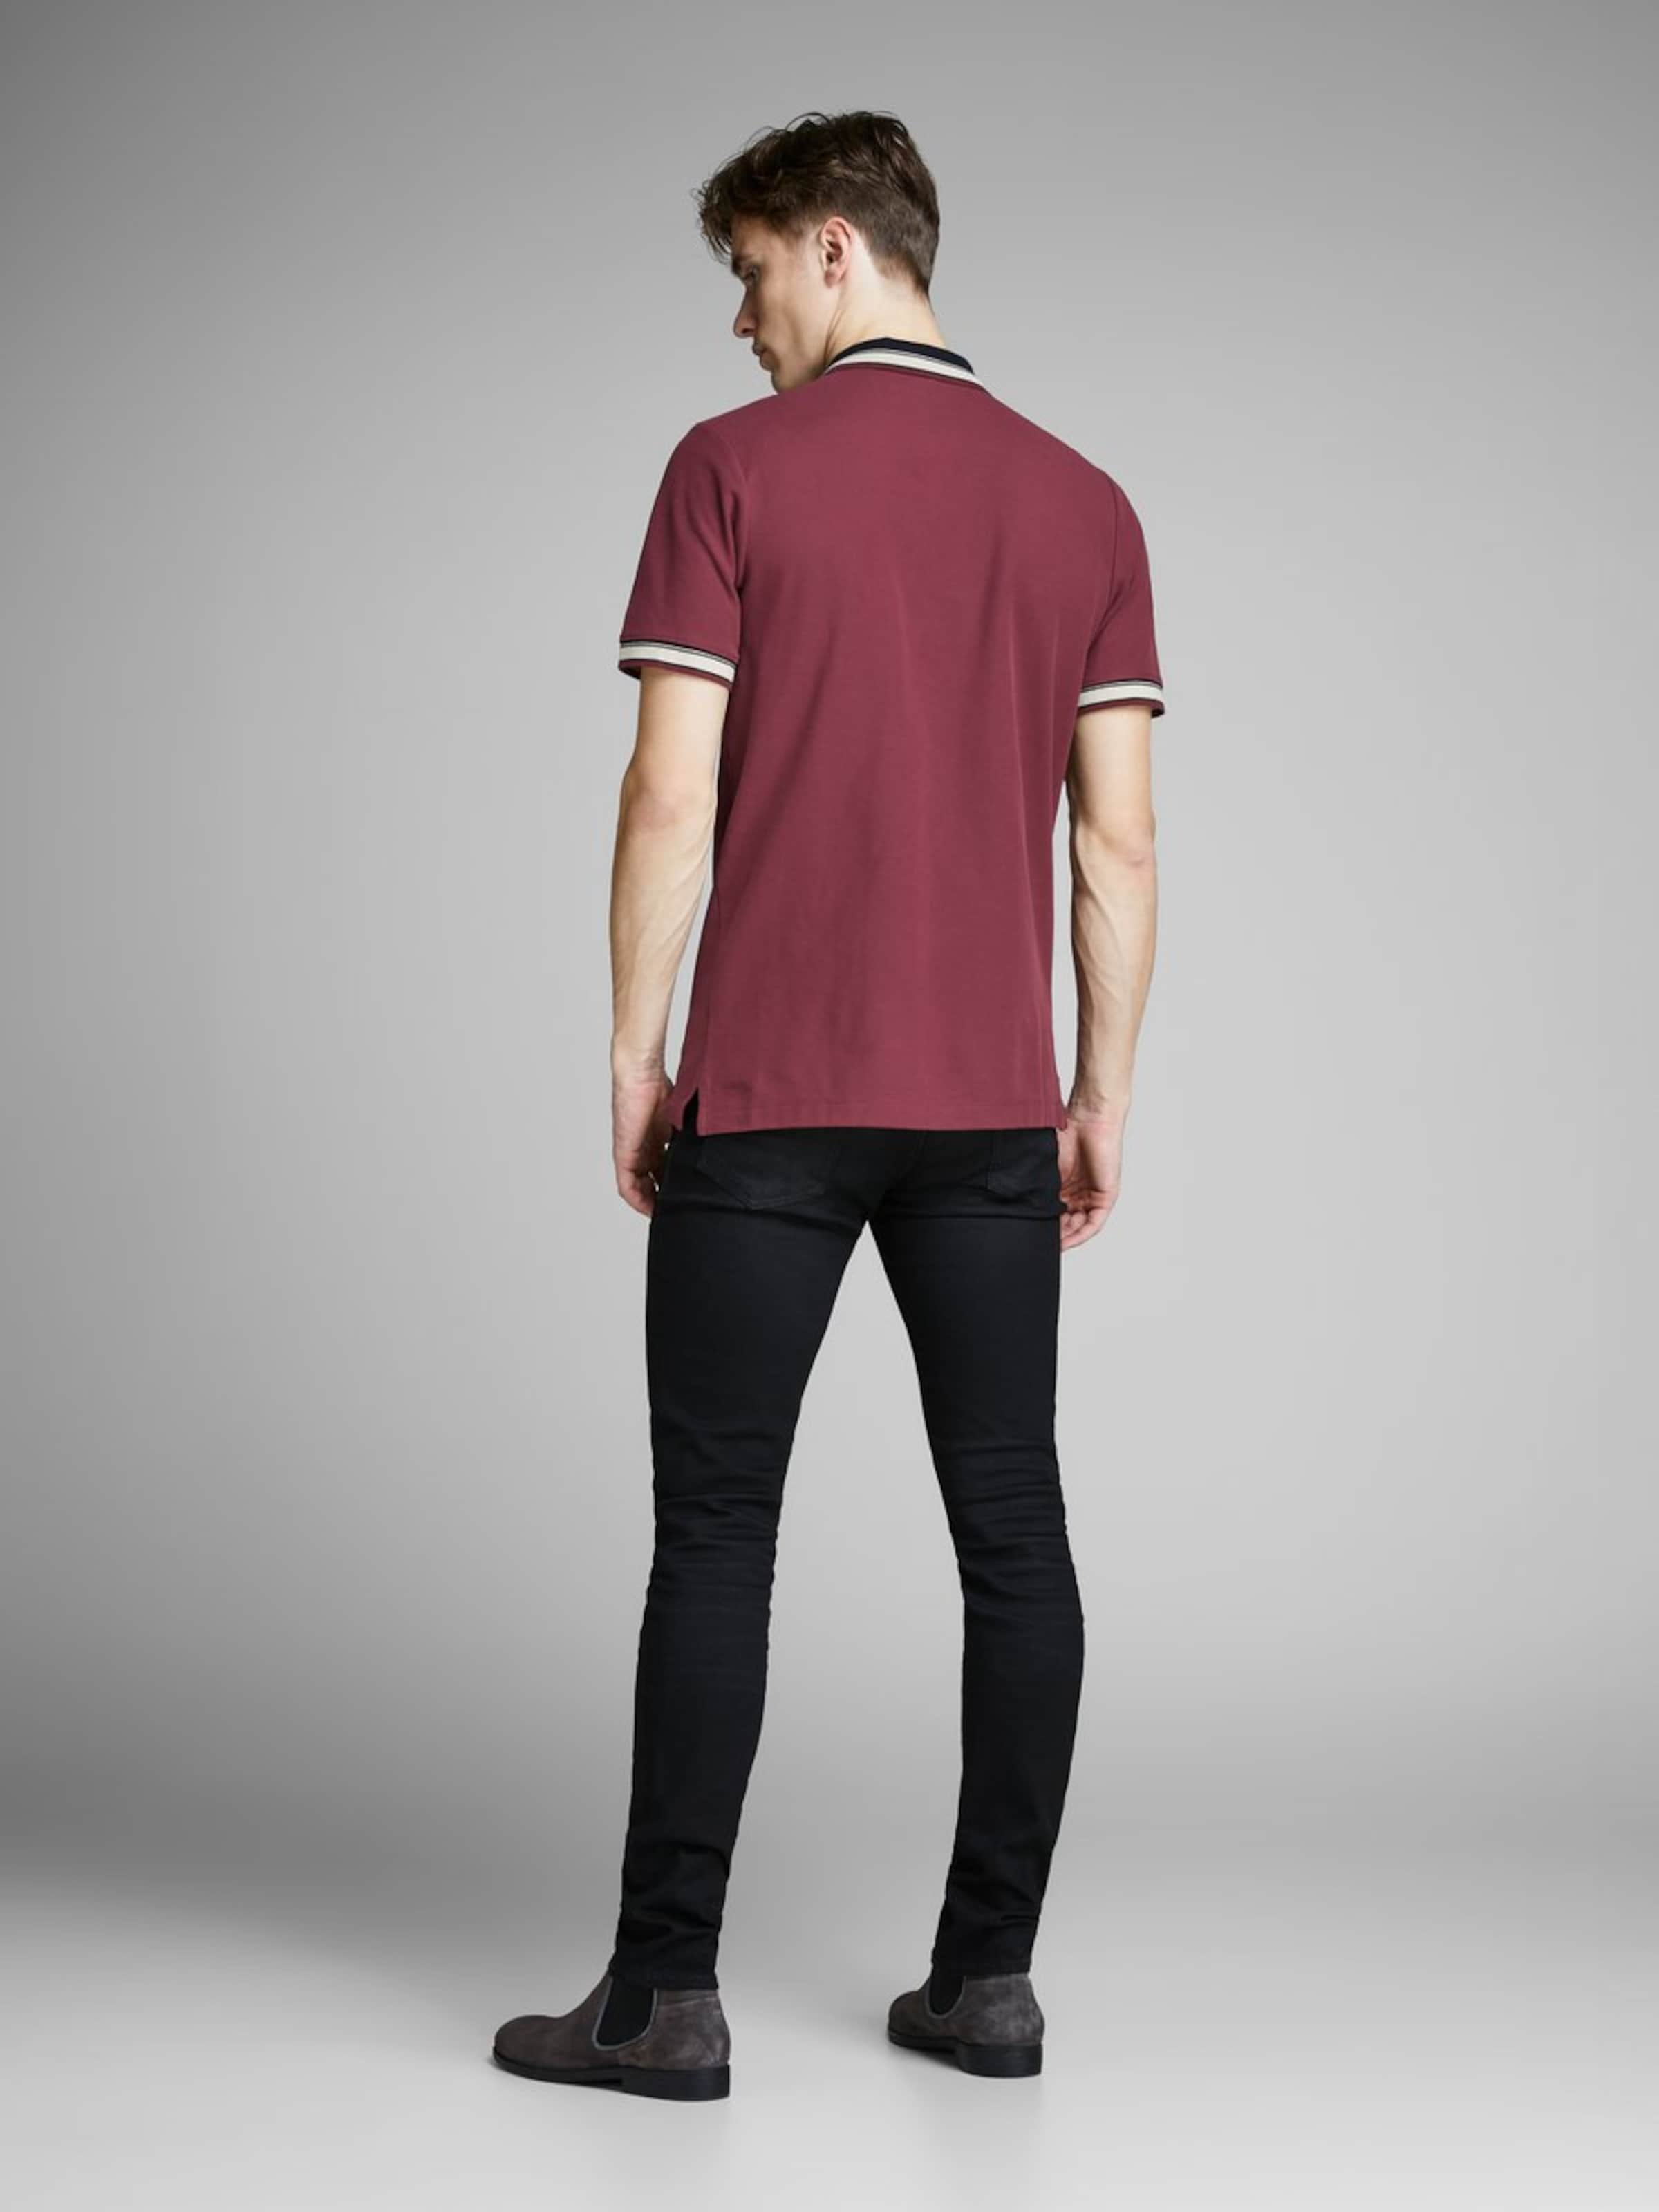 shirt Chocolat En Jackamp; Jones T PikXZOuT